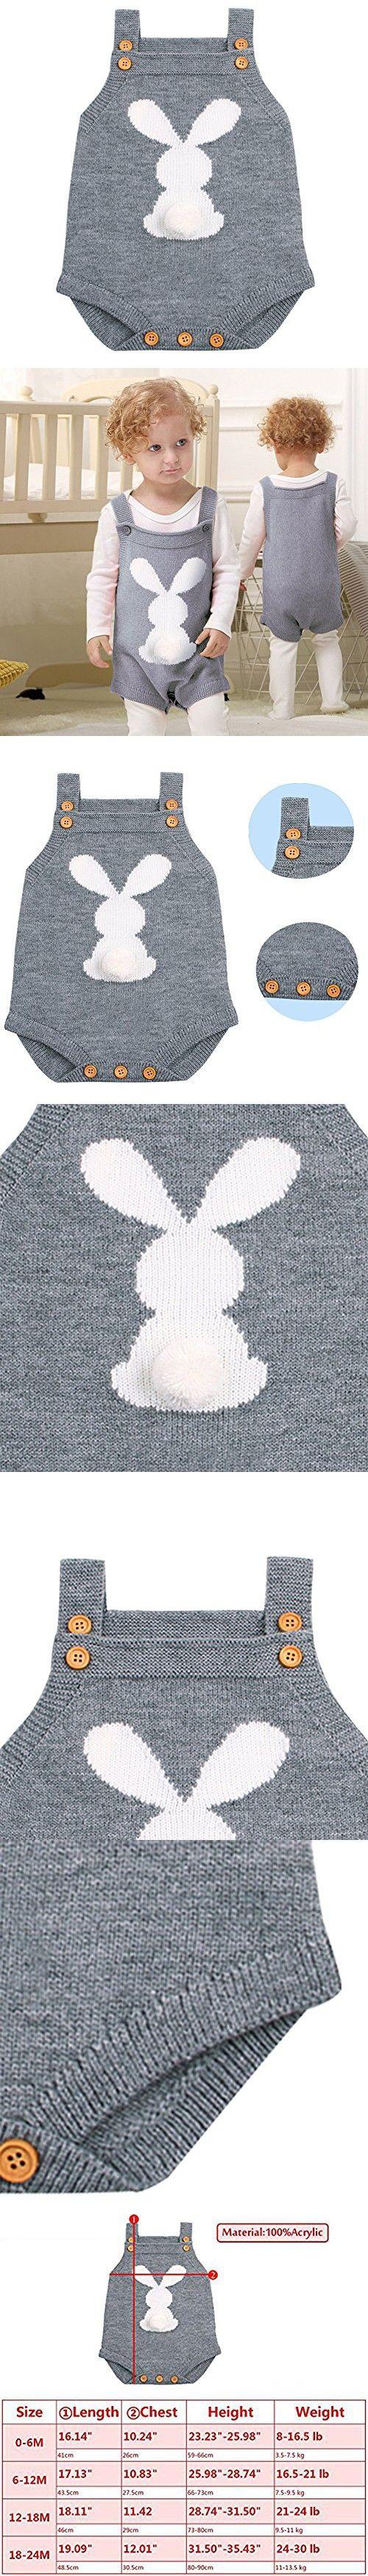 SANGTREE BABY Hoodie Playsuit with Cute Rabbit Ears